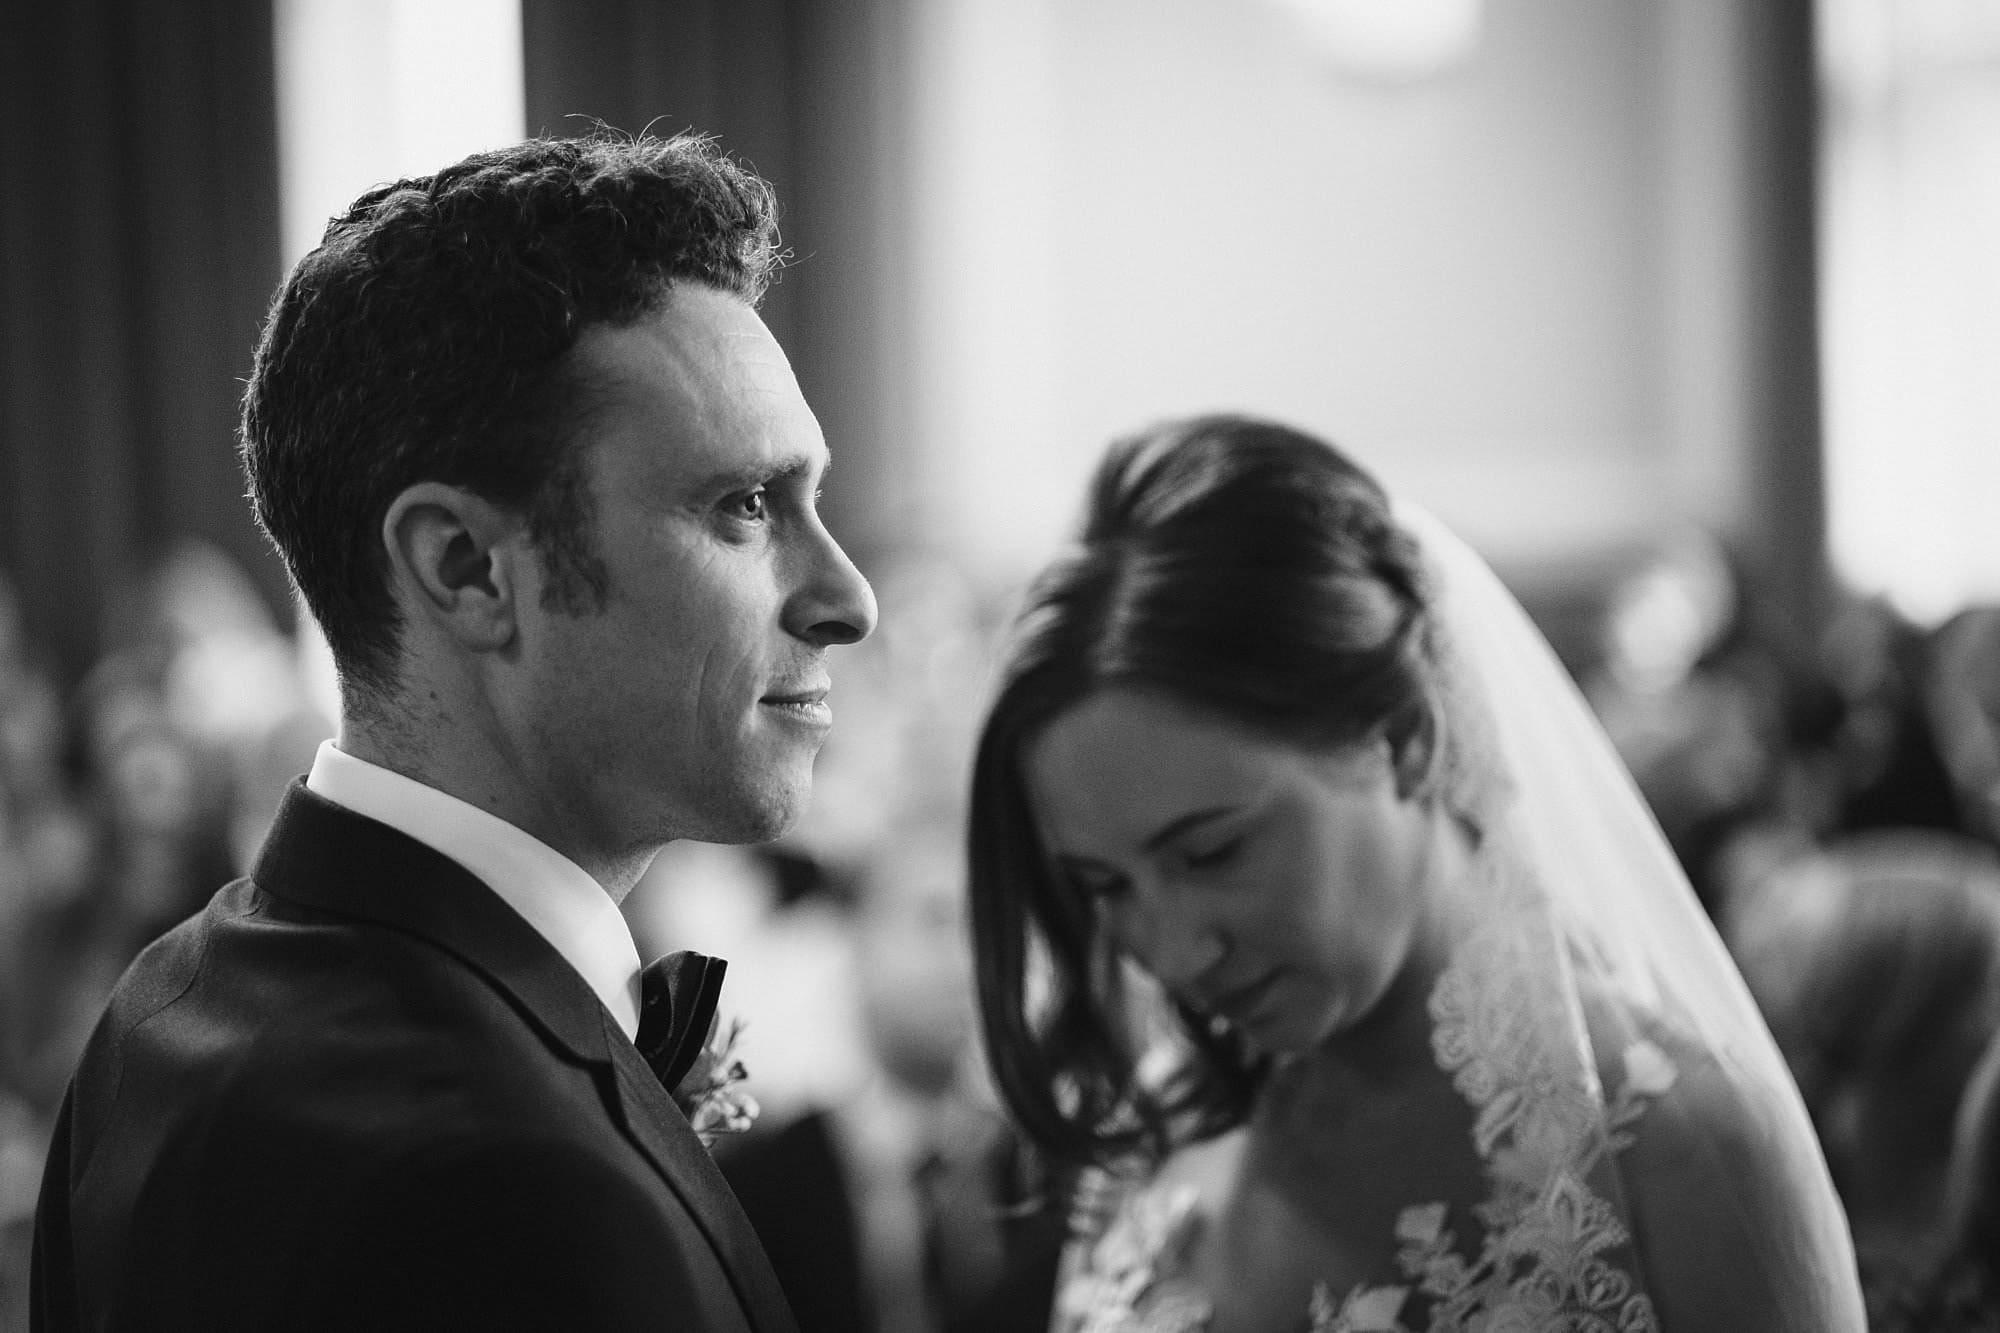 london andaz wedding photographer la 034 - Andaz Liverpool Street Wedding Photographer | Lauren & Alex